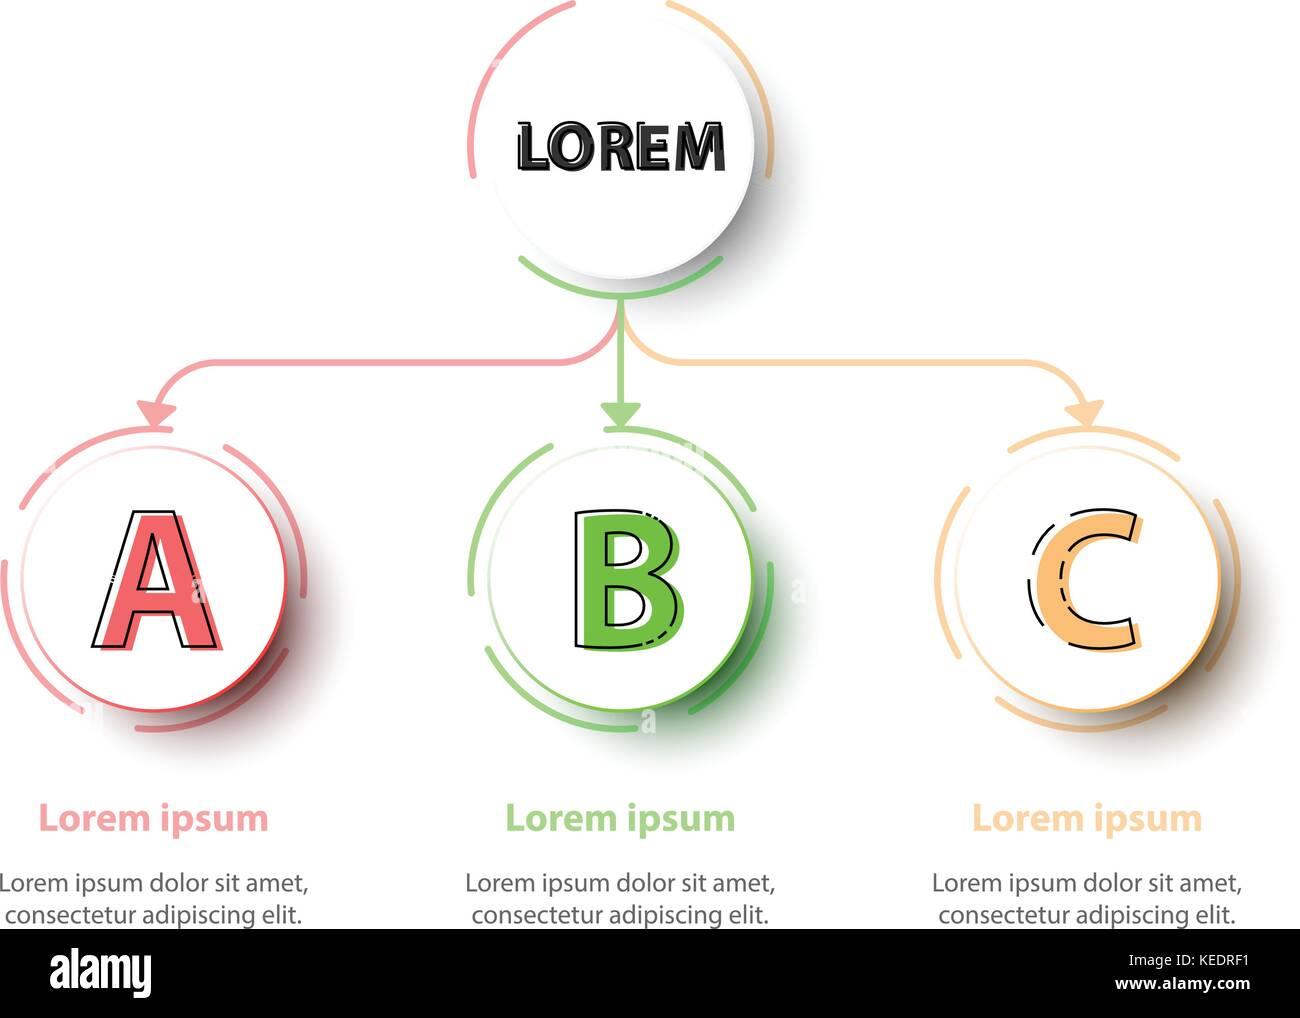 Trois thèmes 3D colorée des cercles dans l'organisation graphique sur fond blanc pour couvrir Site internet présentation Illustration de Vecteur